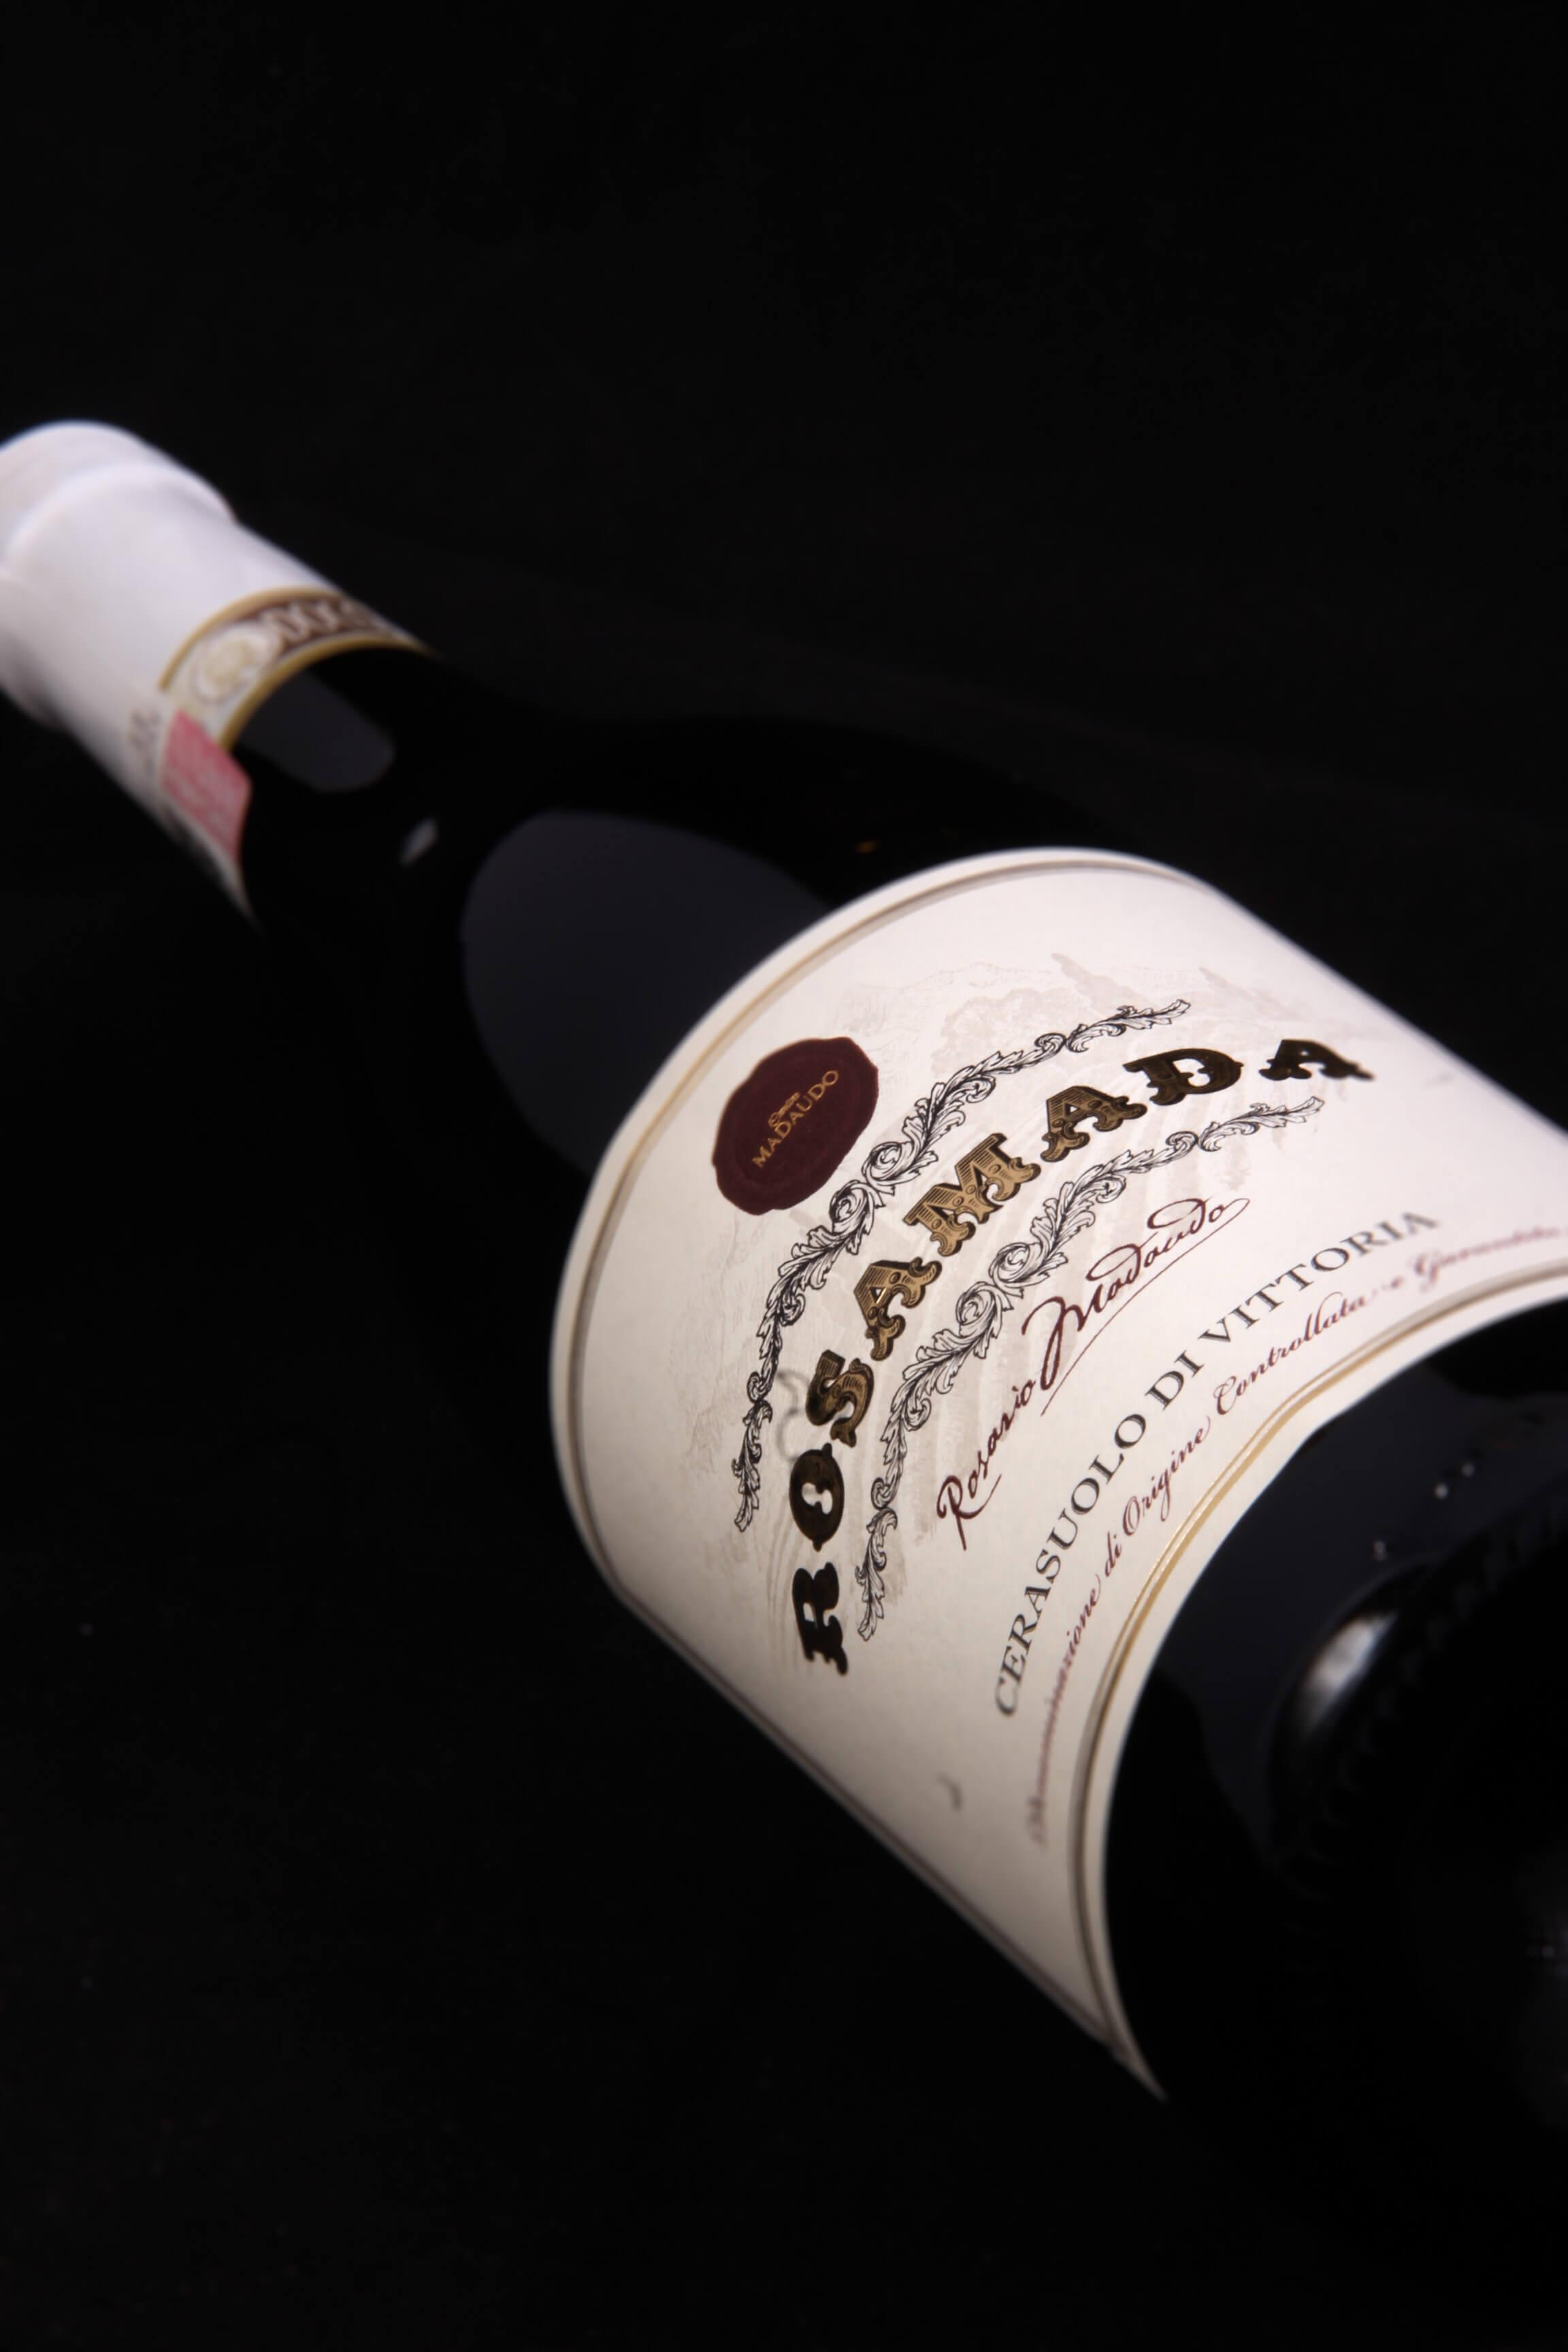 vino_nostrum-importadora_de_vinos_y_alimentos_ok34